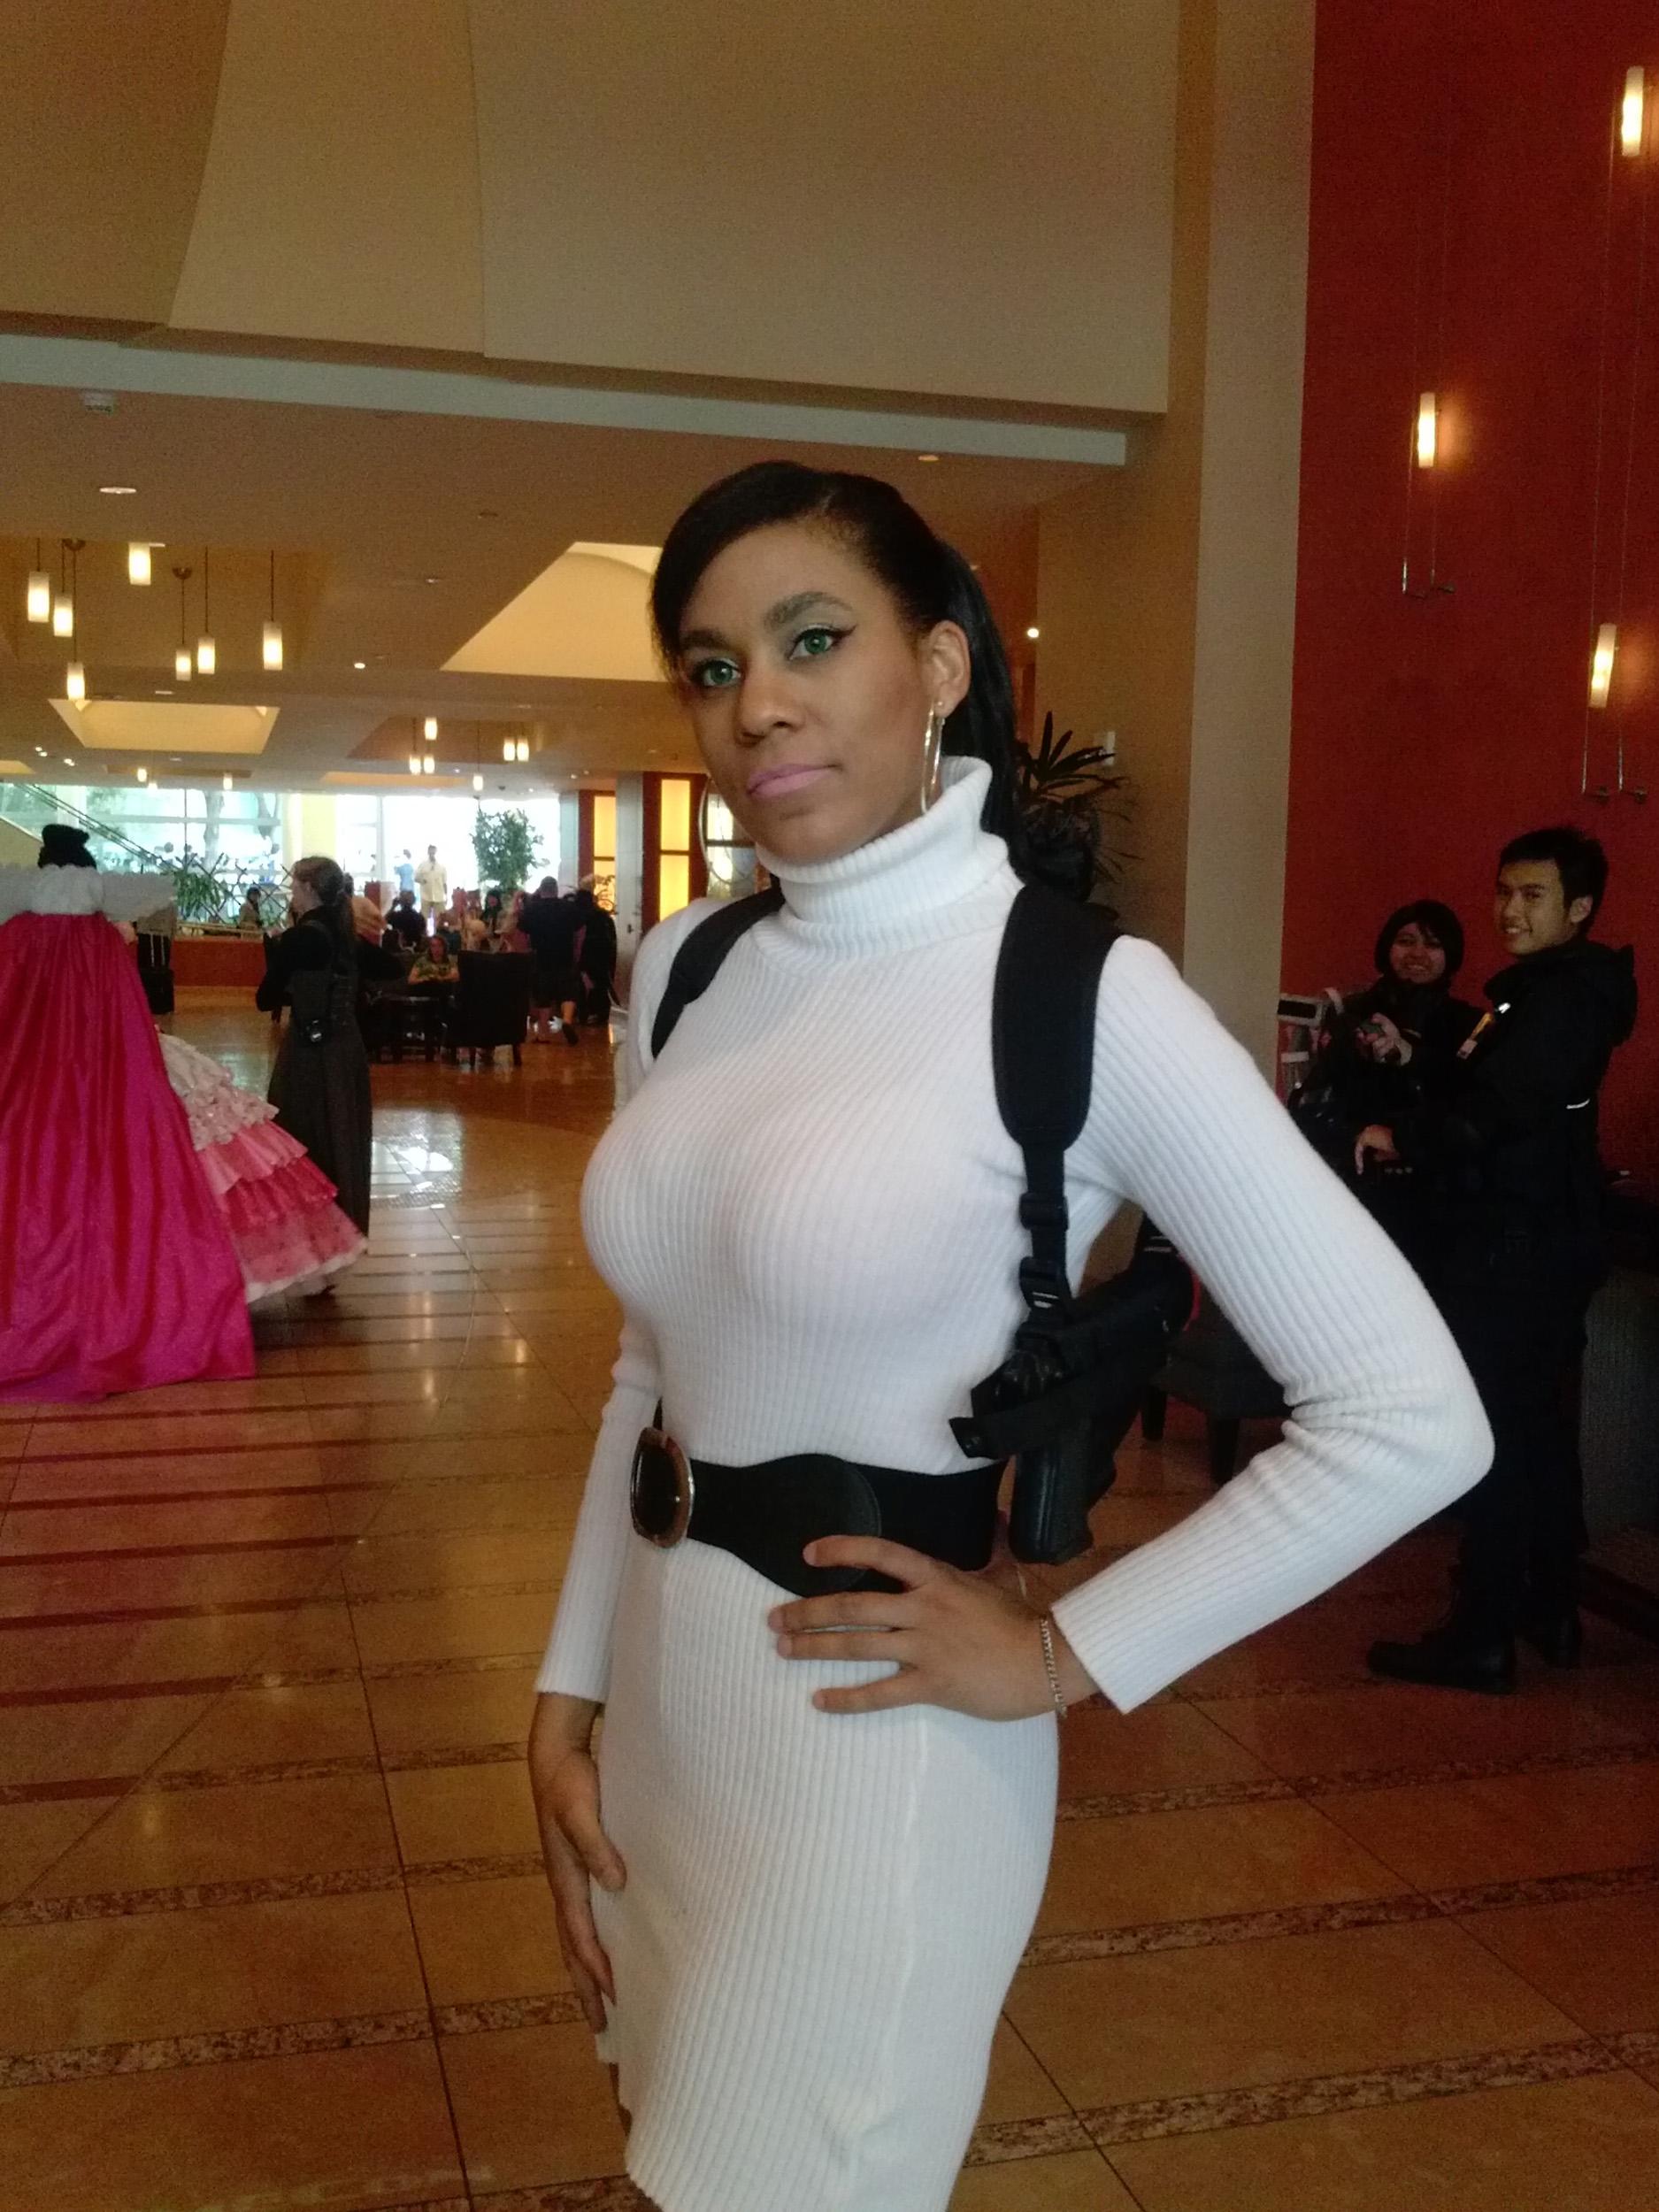 Lana Kane Archer Yolie y dressed as lana kane 1875x2500